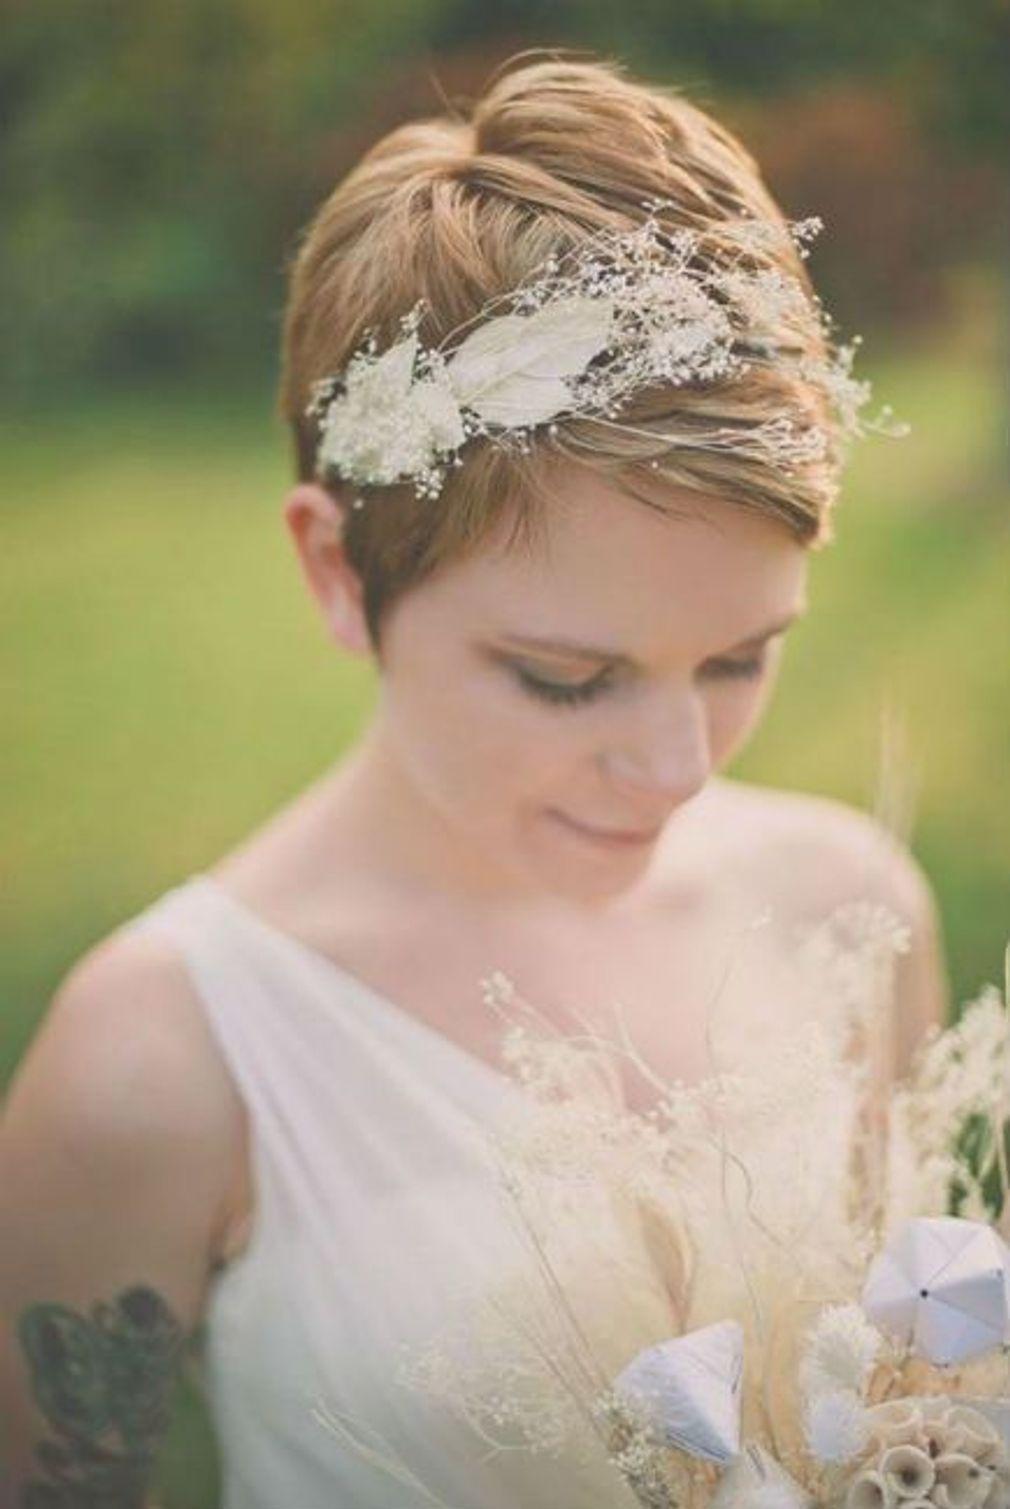 Coiffure-de-mariage-cheveux-tres-courts-avec-serre-tete-fleuri